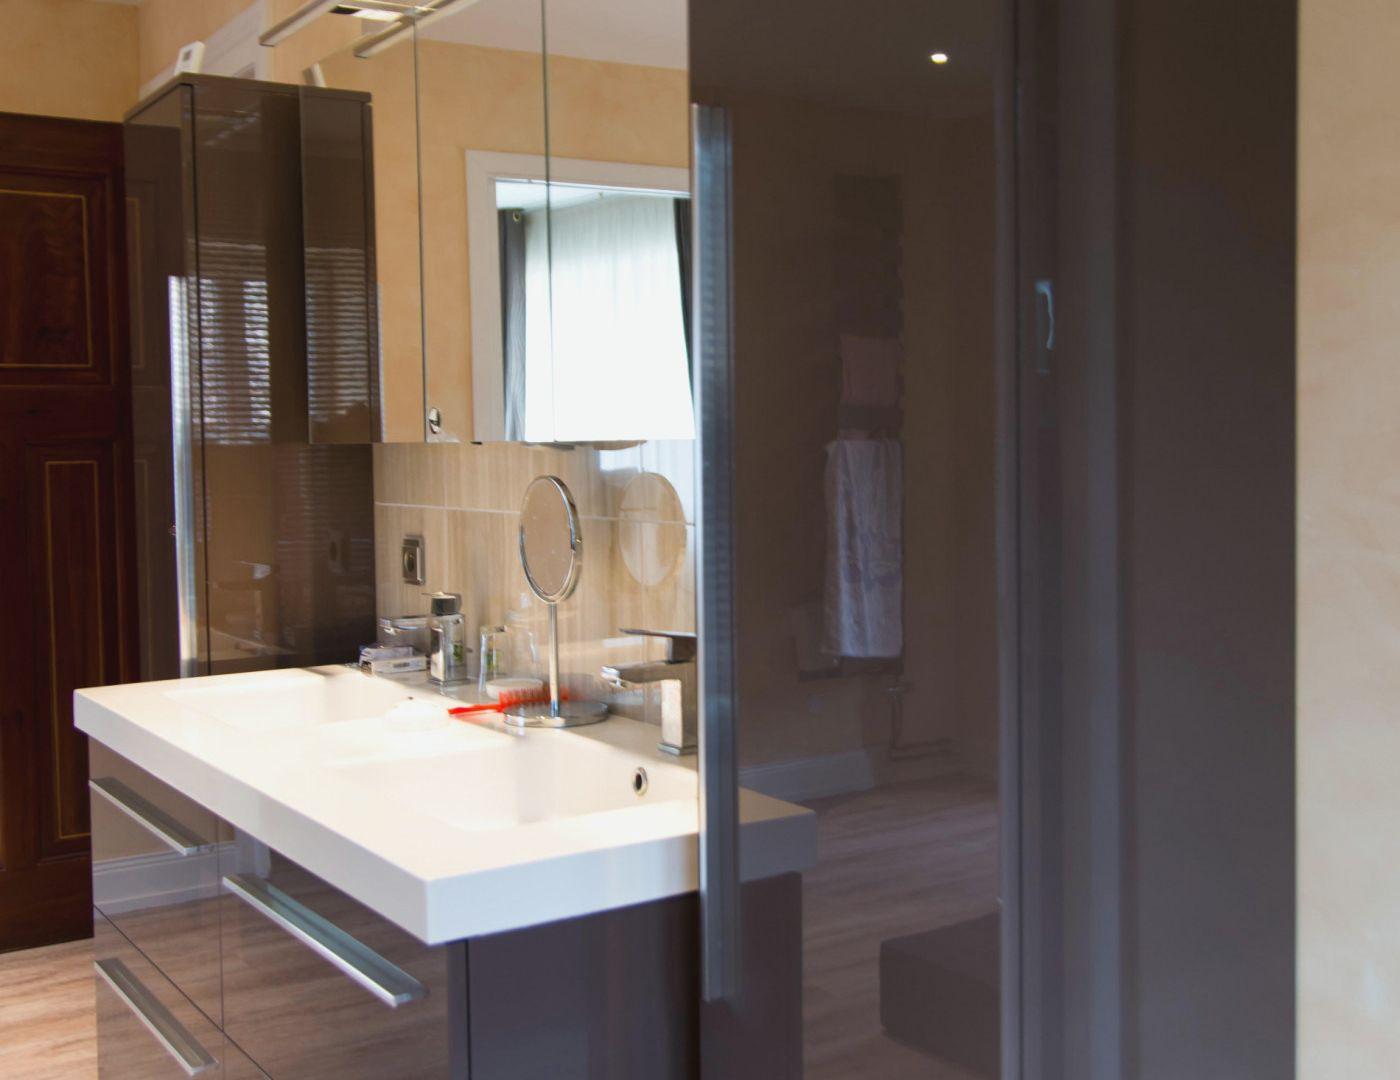 Meuble Salle De Bain Weldom Impressionnant Photographie Salle De Bain Plete Double Vasque 24 Meilleur Meuble En